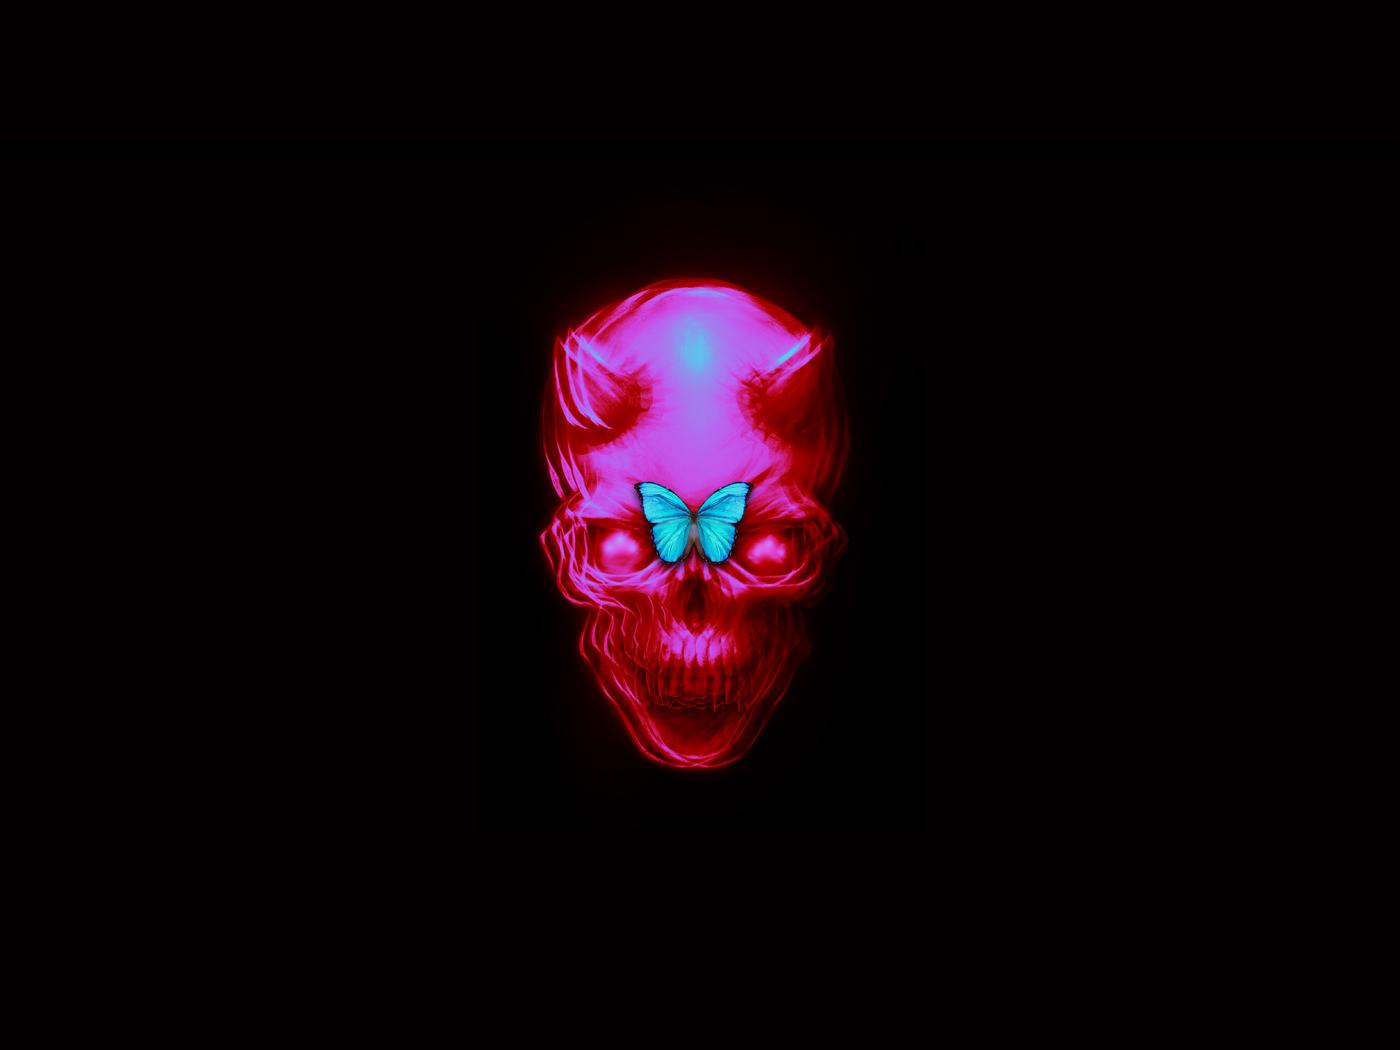 skull-butterfly-10k-gi.jpg